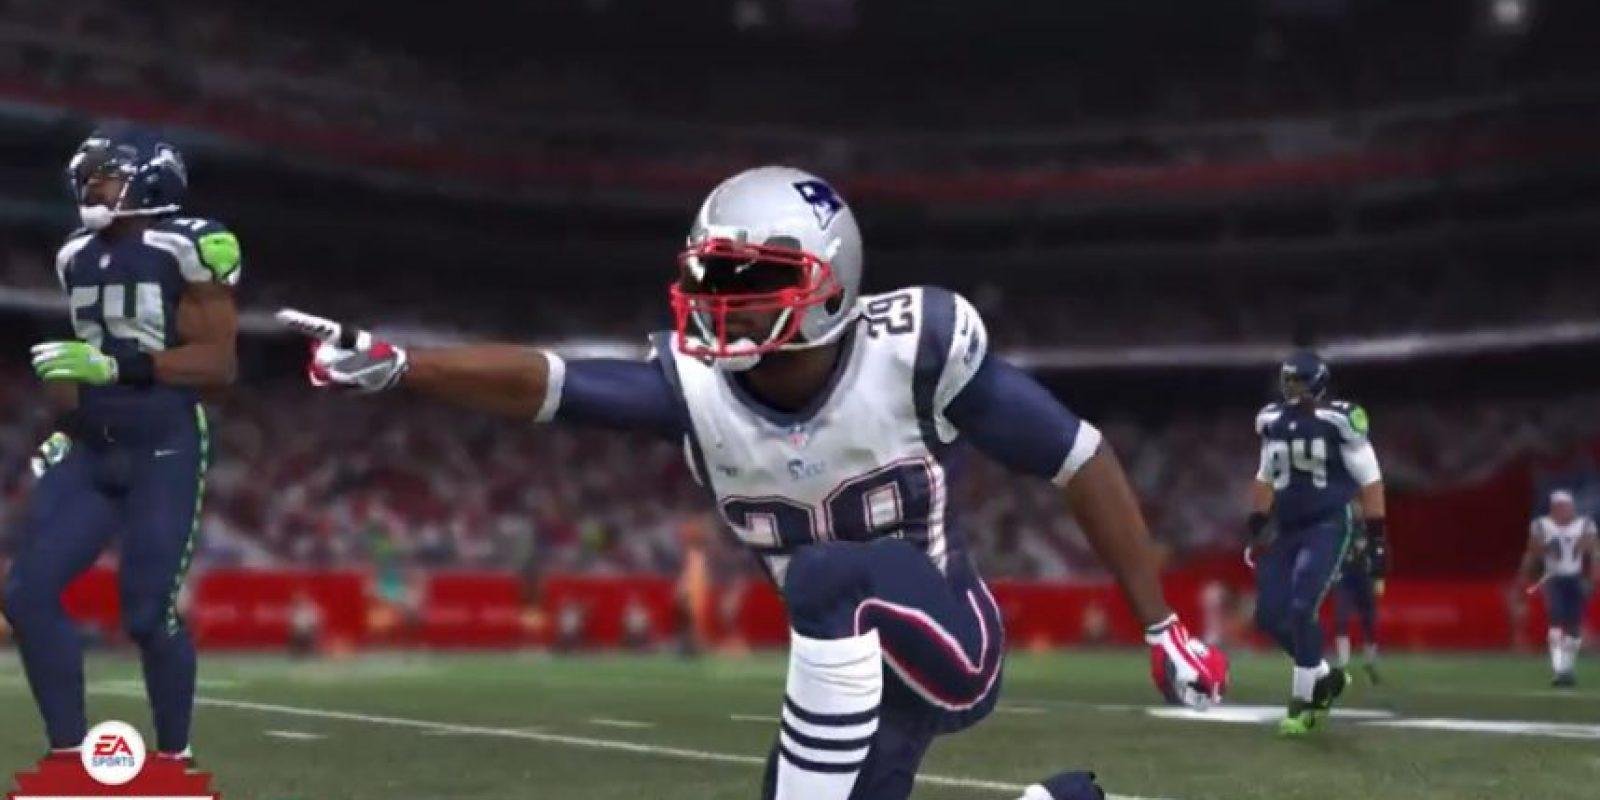 Pero al final se impusieron los Patriotas de Nueva Inglaterra Foto:Youtube: EA Sports